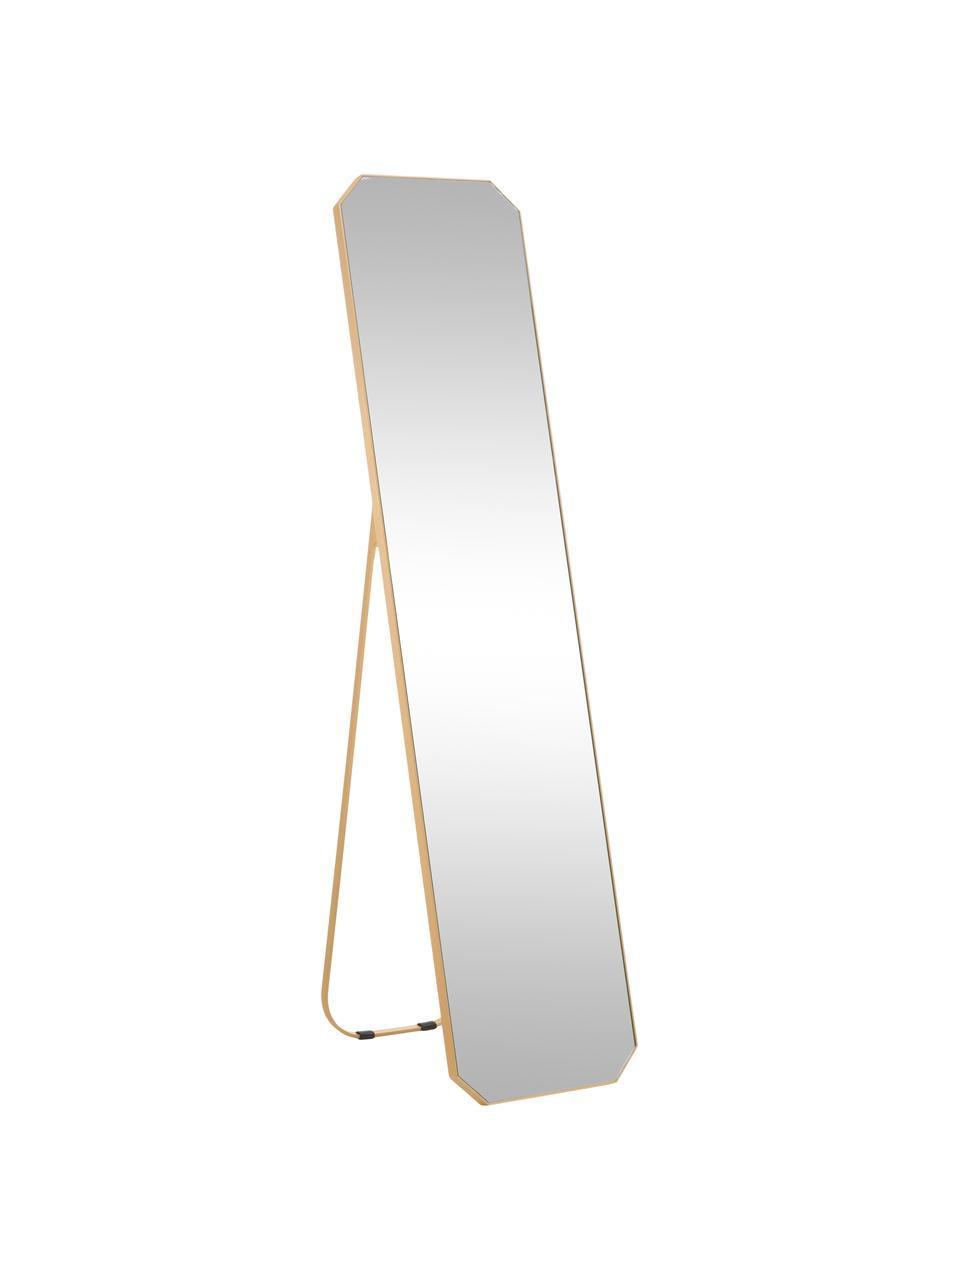 Scopri gli specchi di design da parete, da muro o da terra: Specchio Da Terra Con Cornice Dorata Bavado Westwingnow